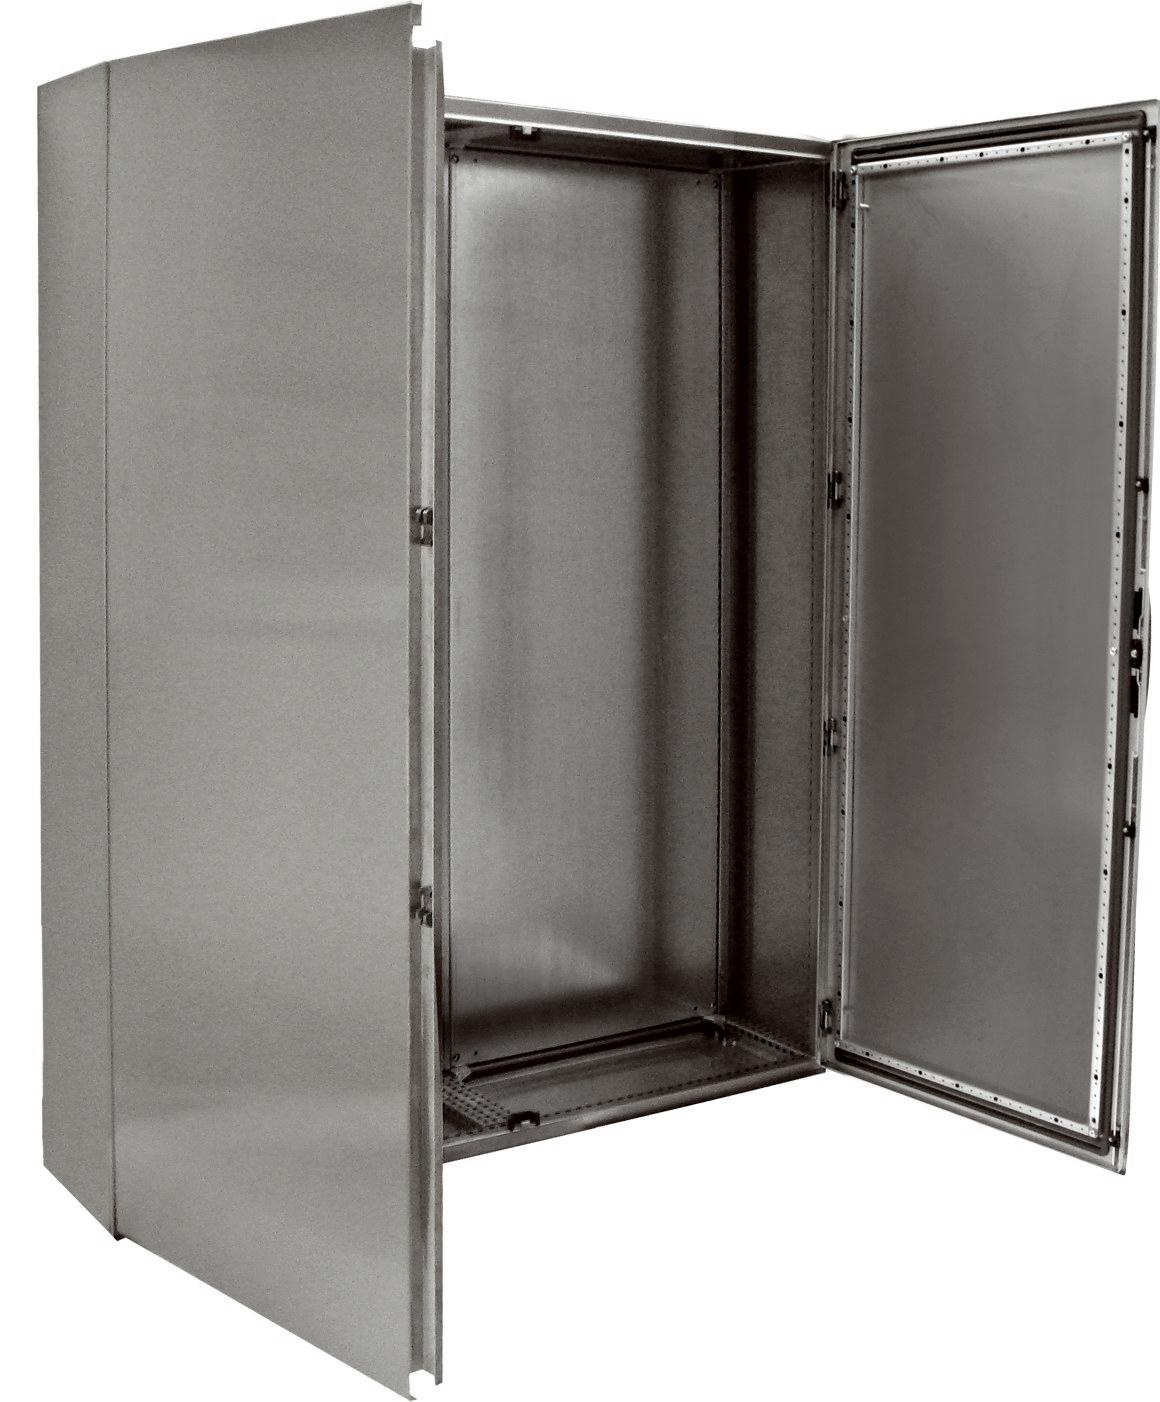 1 Stk Kompaktschrank Edelstahl 2-türig, 1600x1200x400mm, AISI 304L KSR161242-